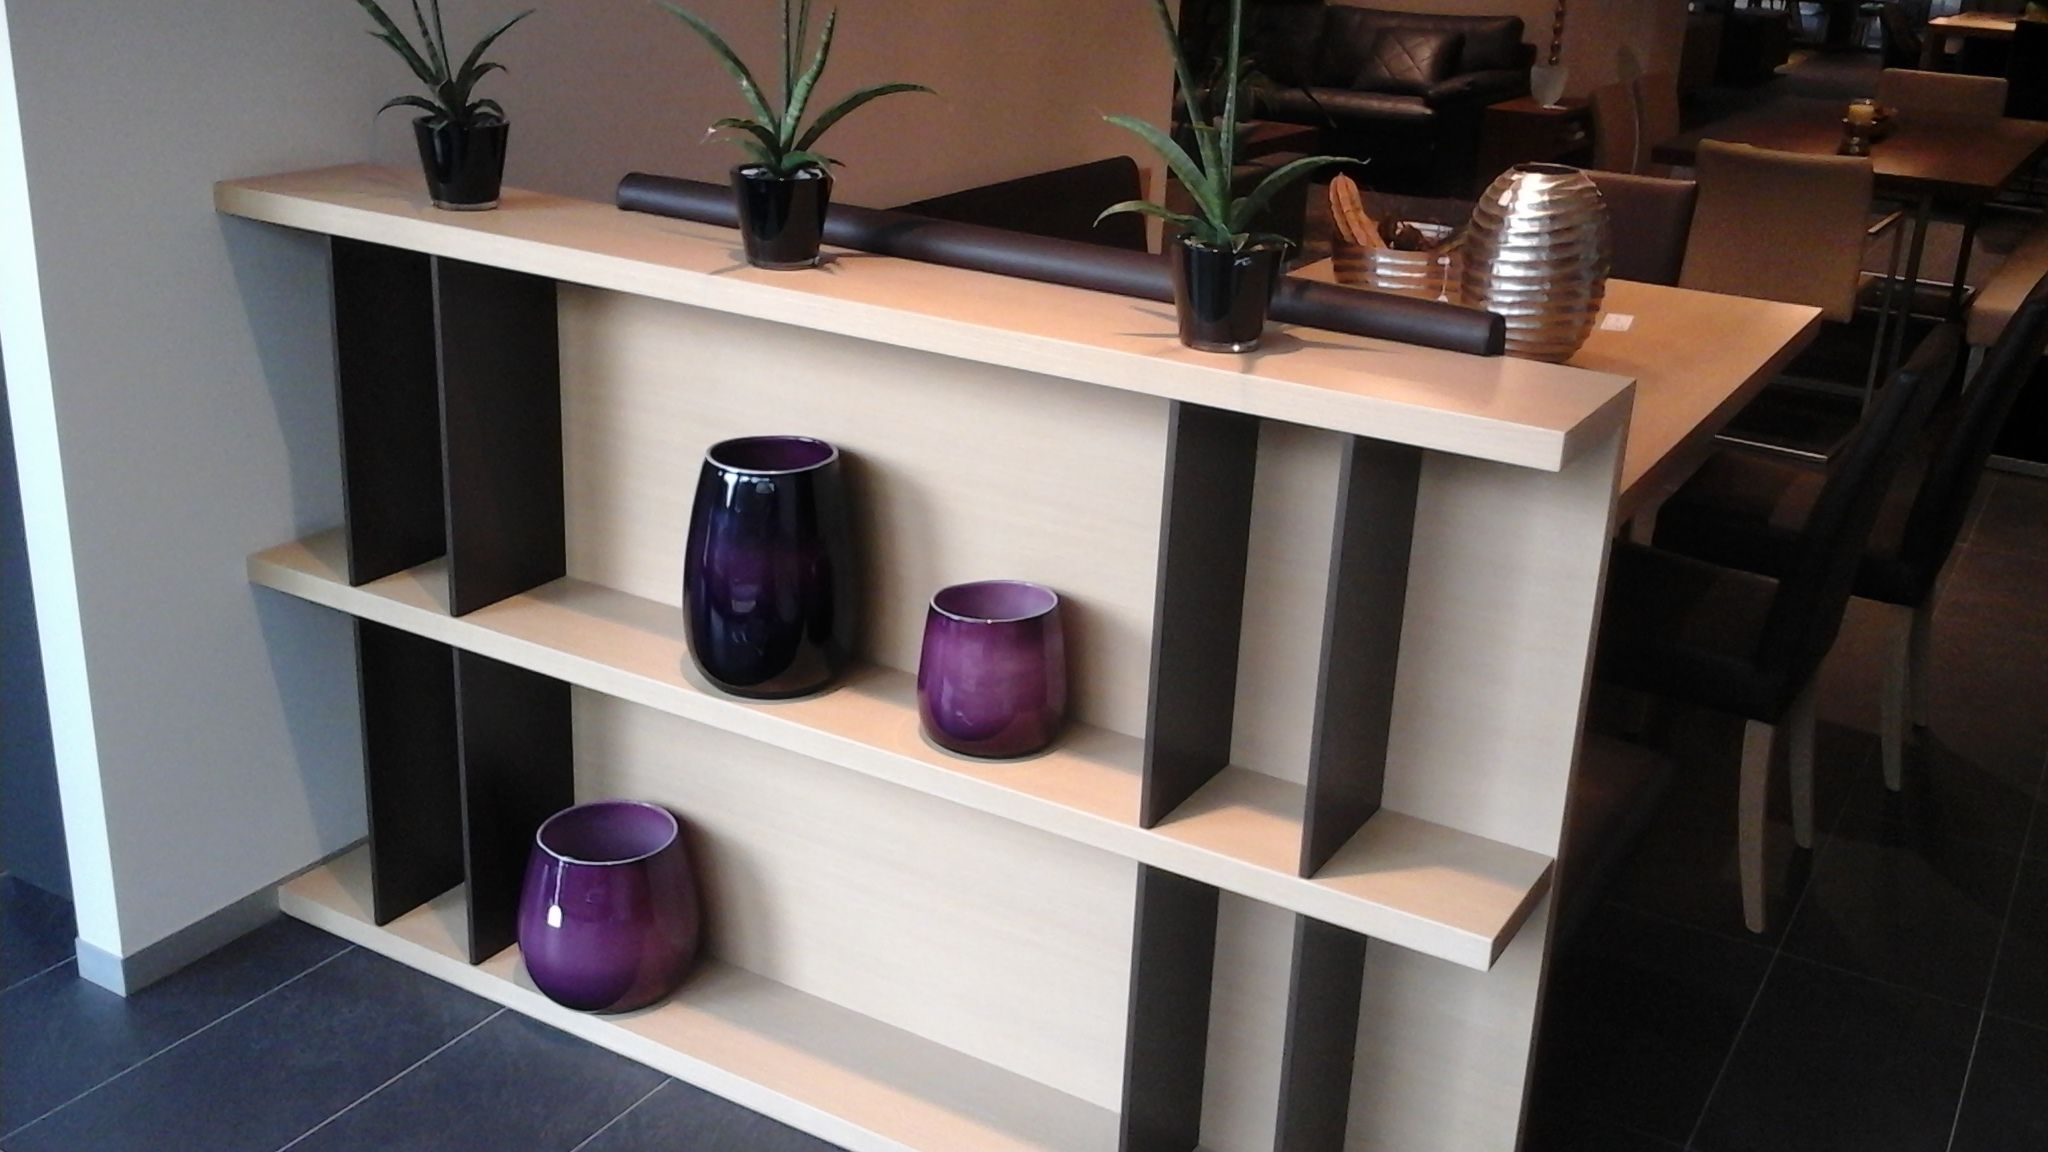 eckbankgruppe grando von haas jetzt im abverkauf 3750 ohne lieferung verkauft. Black Bedroom Furniture Sets. Home Design Ideas